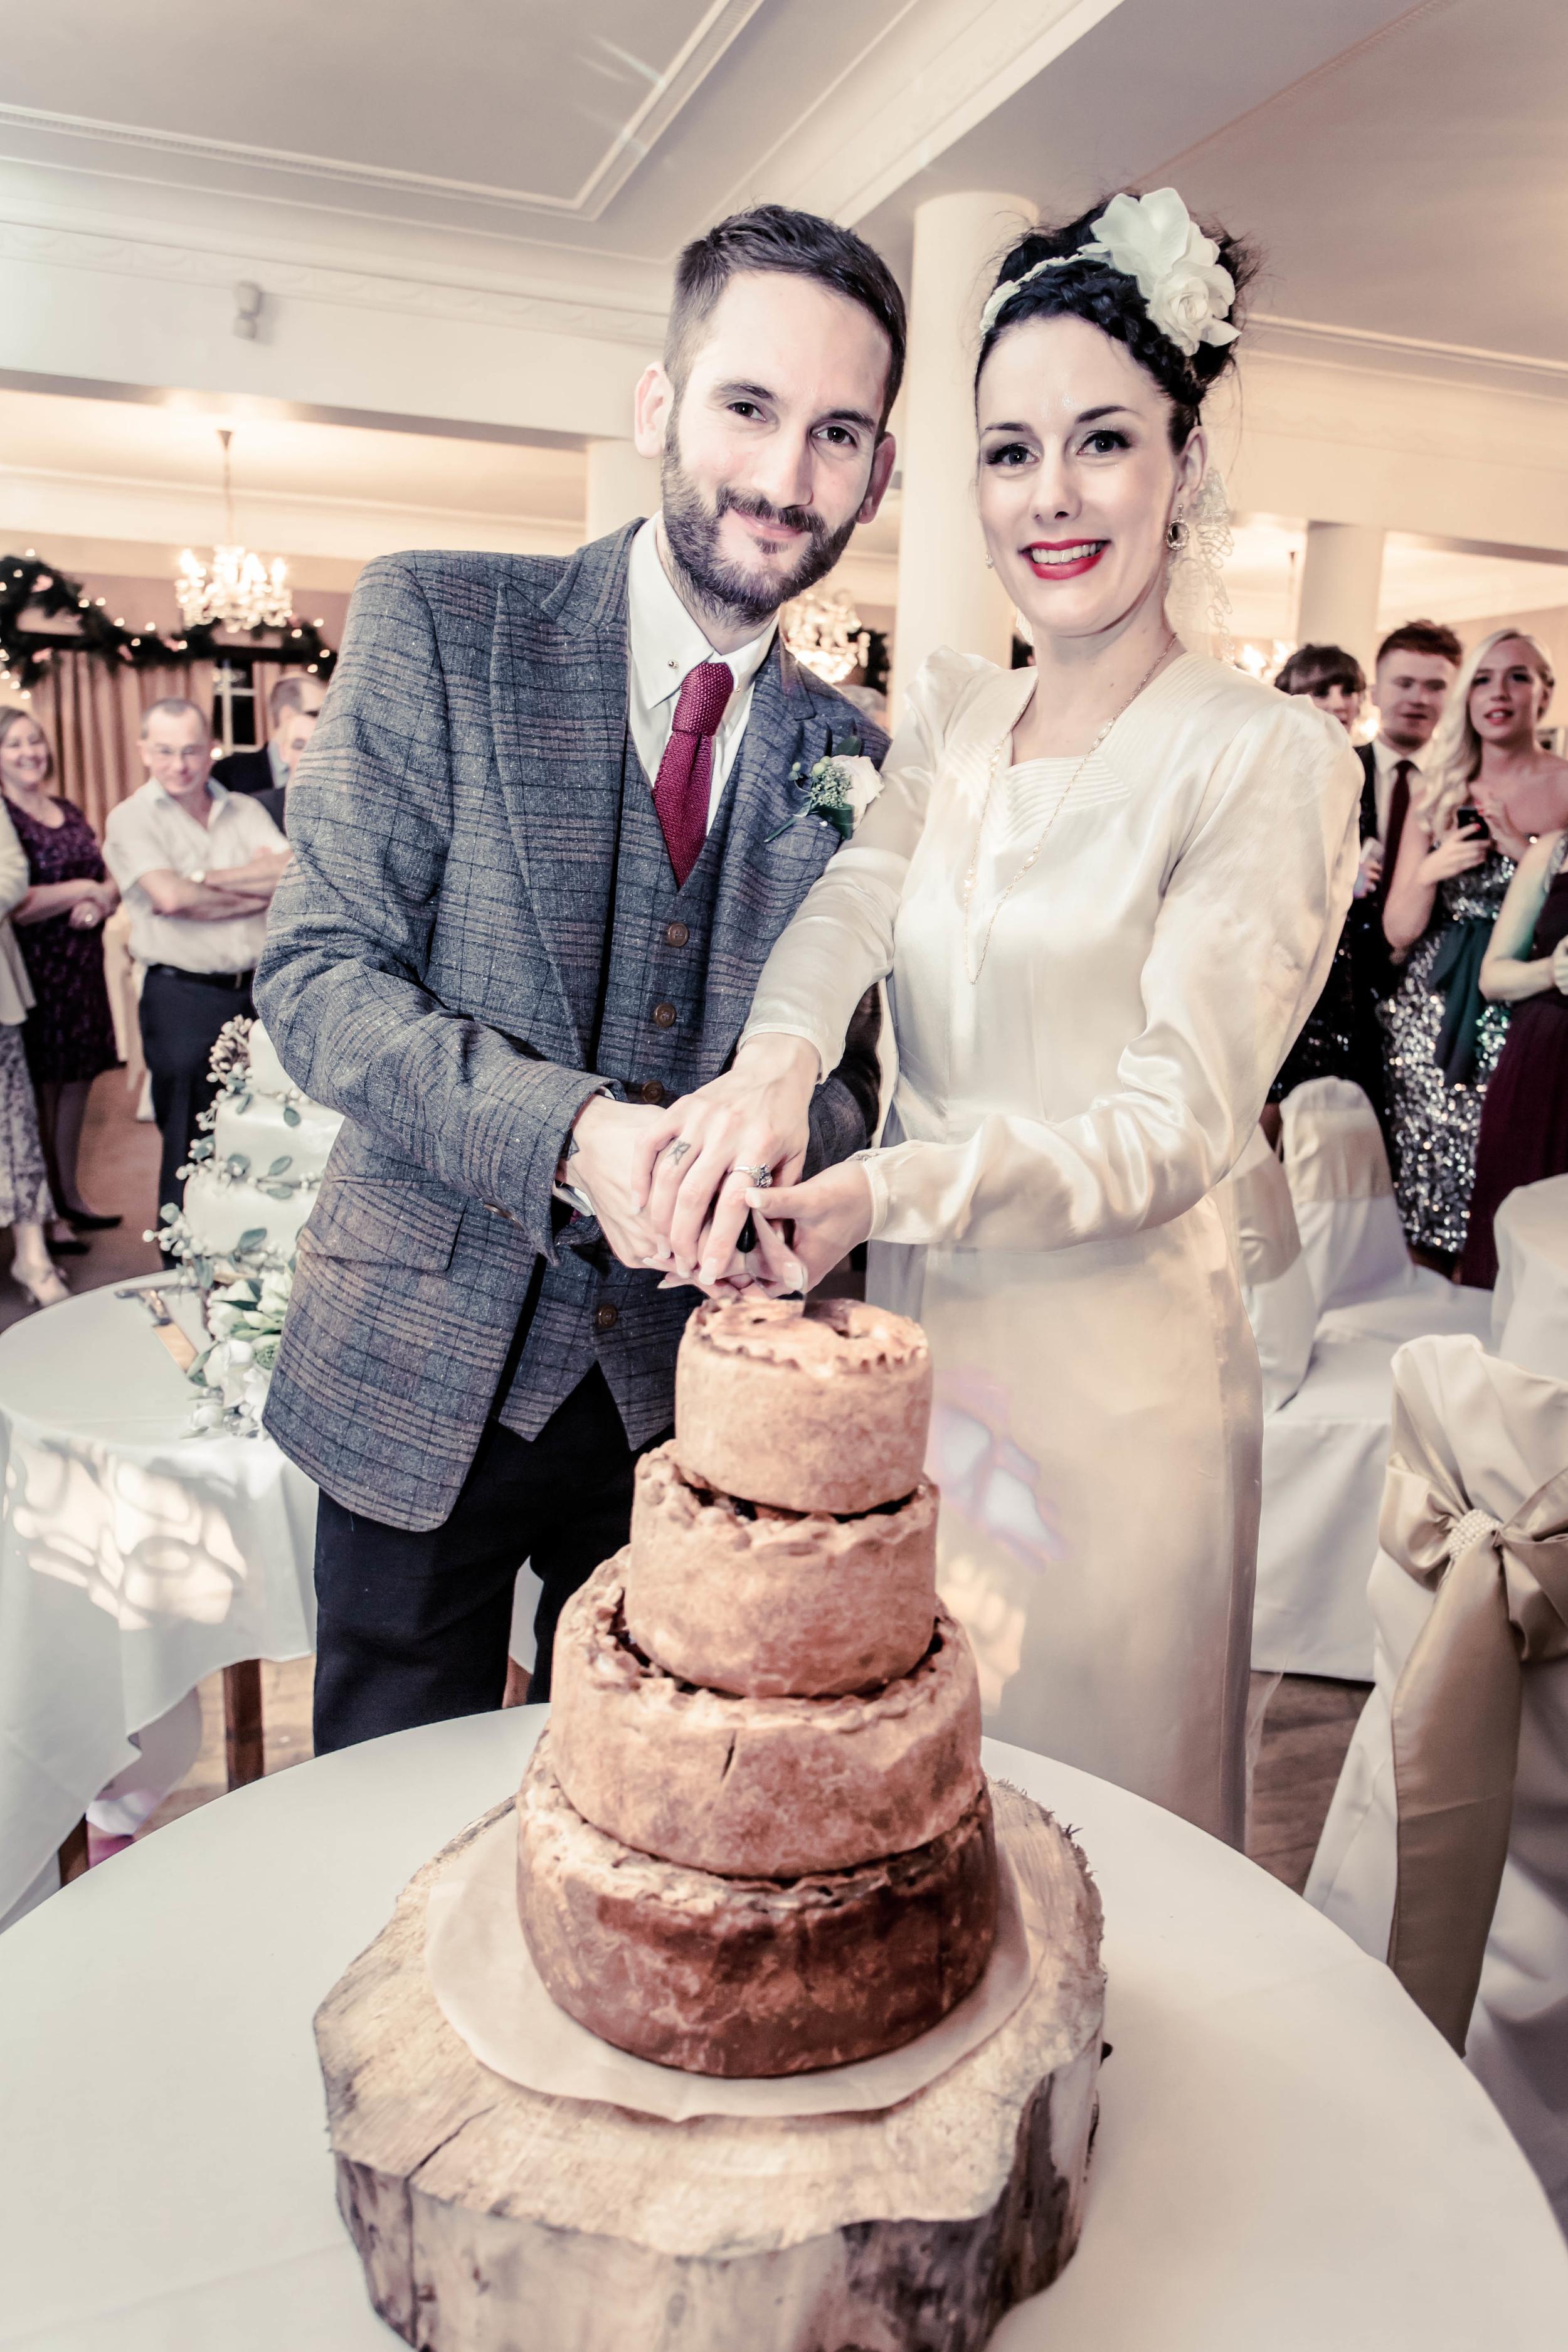 185 - Angela and Karls Wedding by www.markpugh.com -7229.jpg